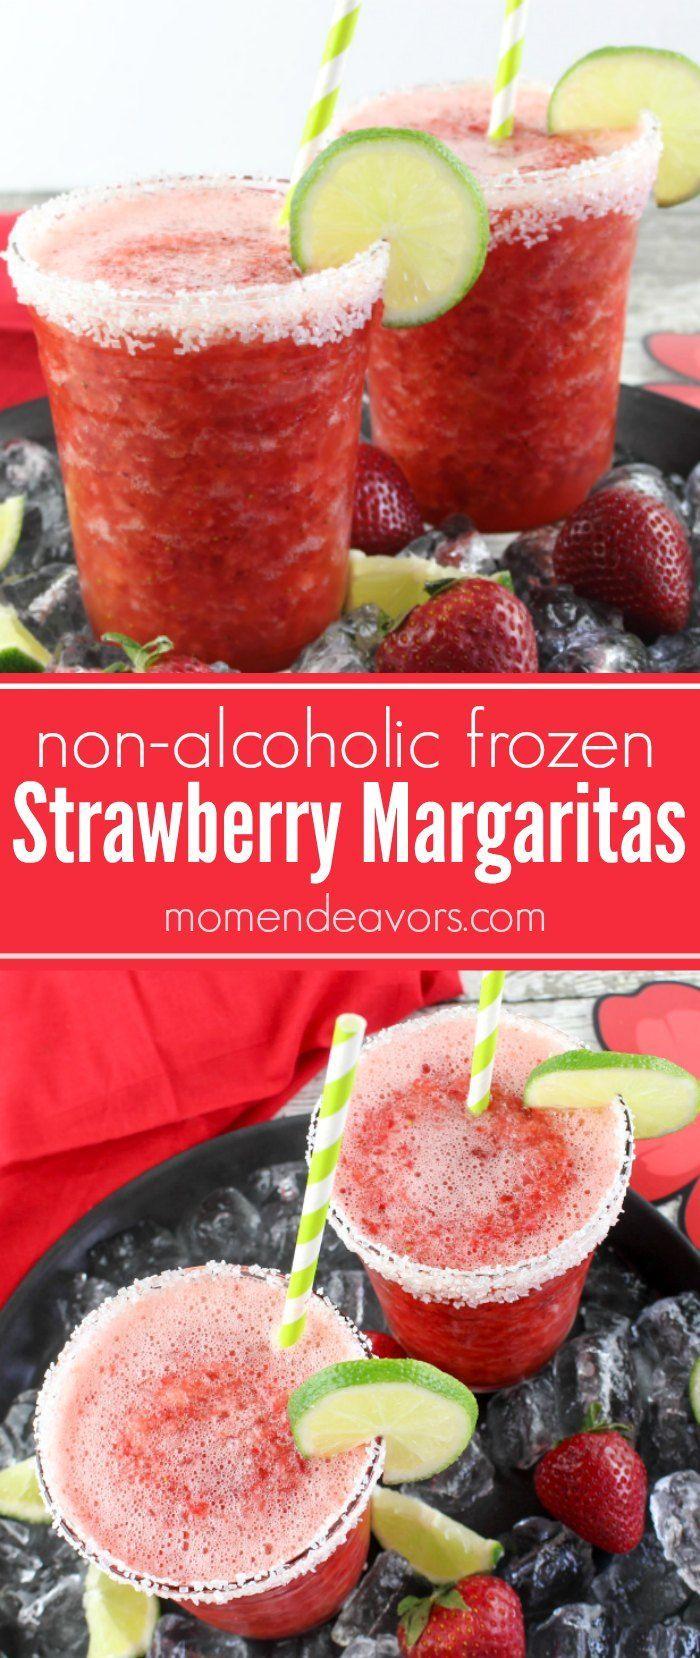 Non-Alcoholic Frozen Strawberry Margaritas - a delicious fruity mocktail recipe.